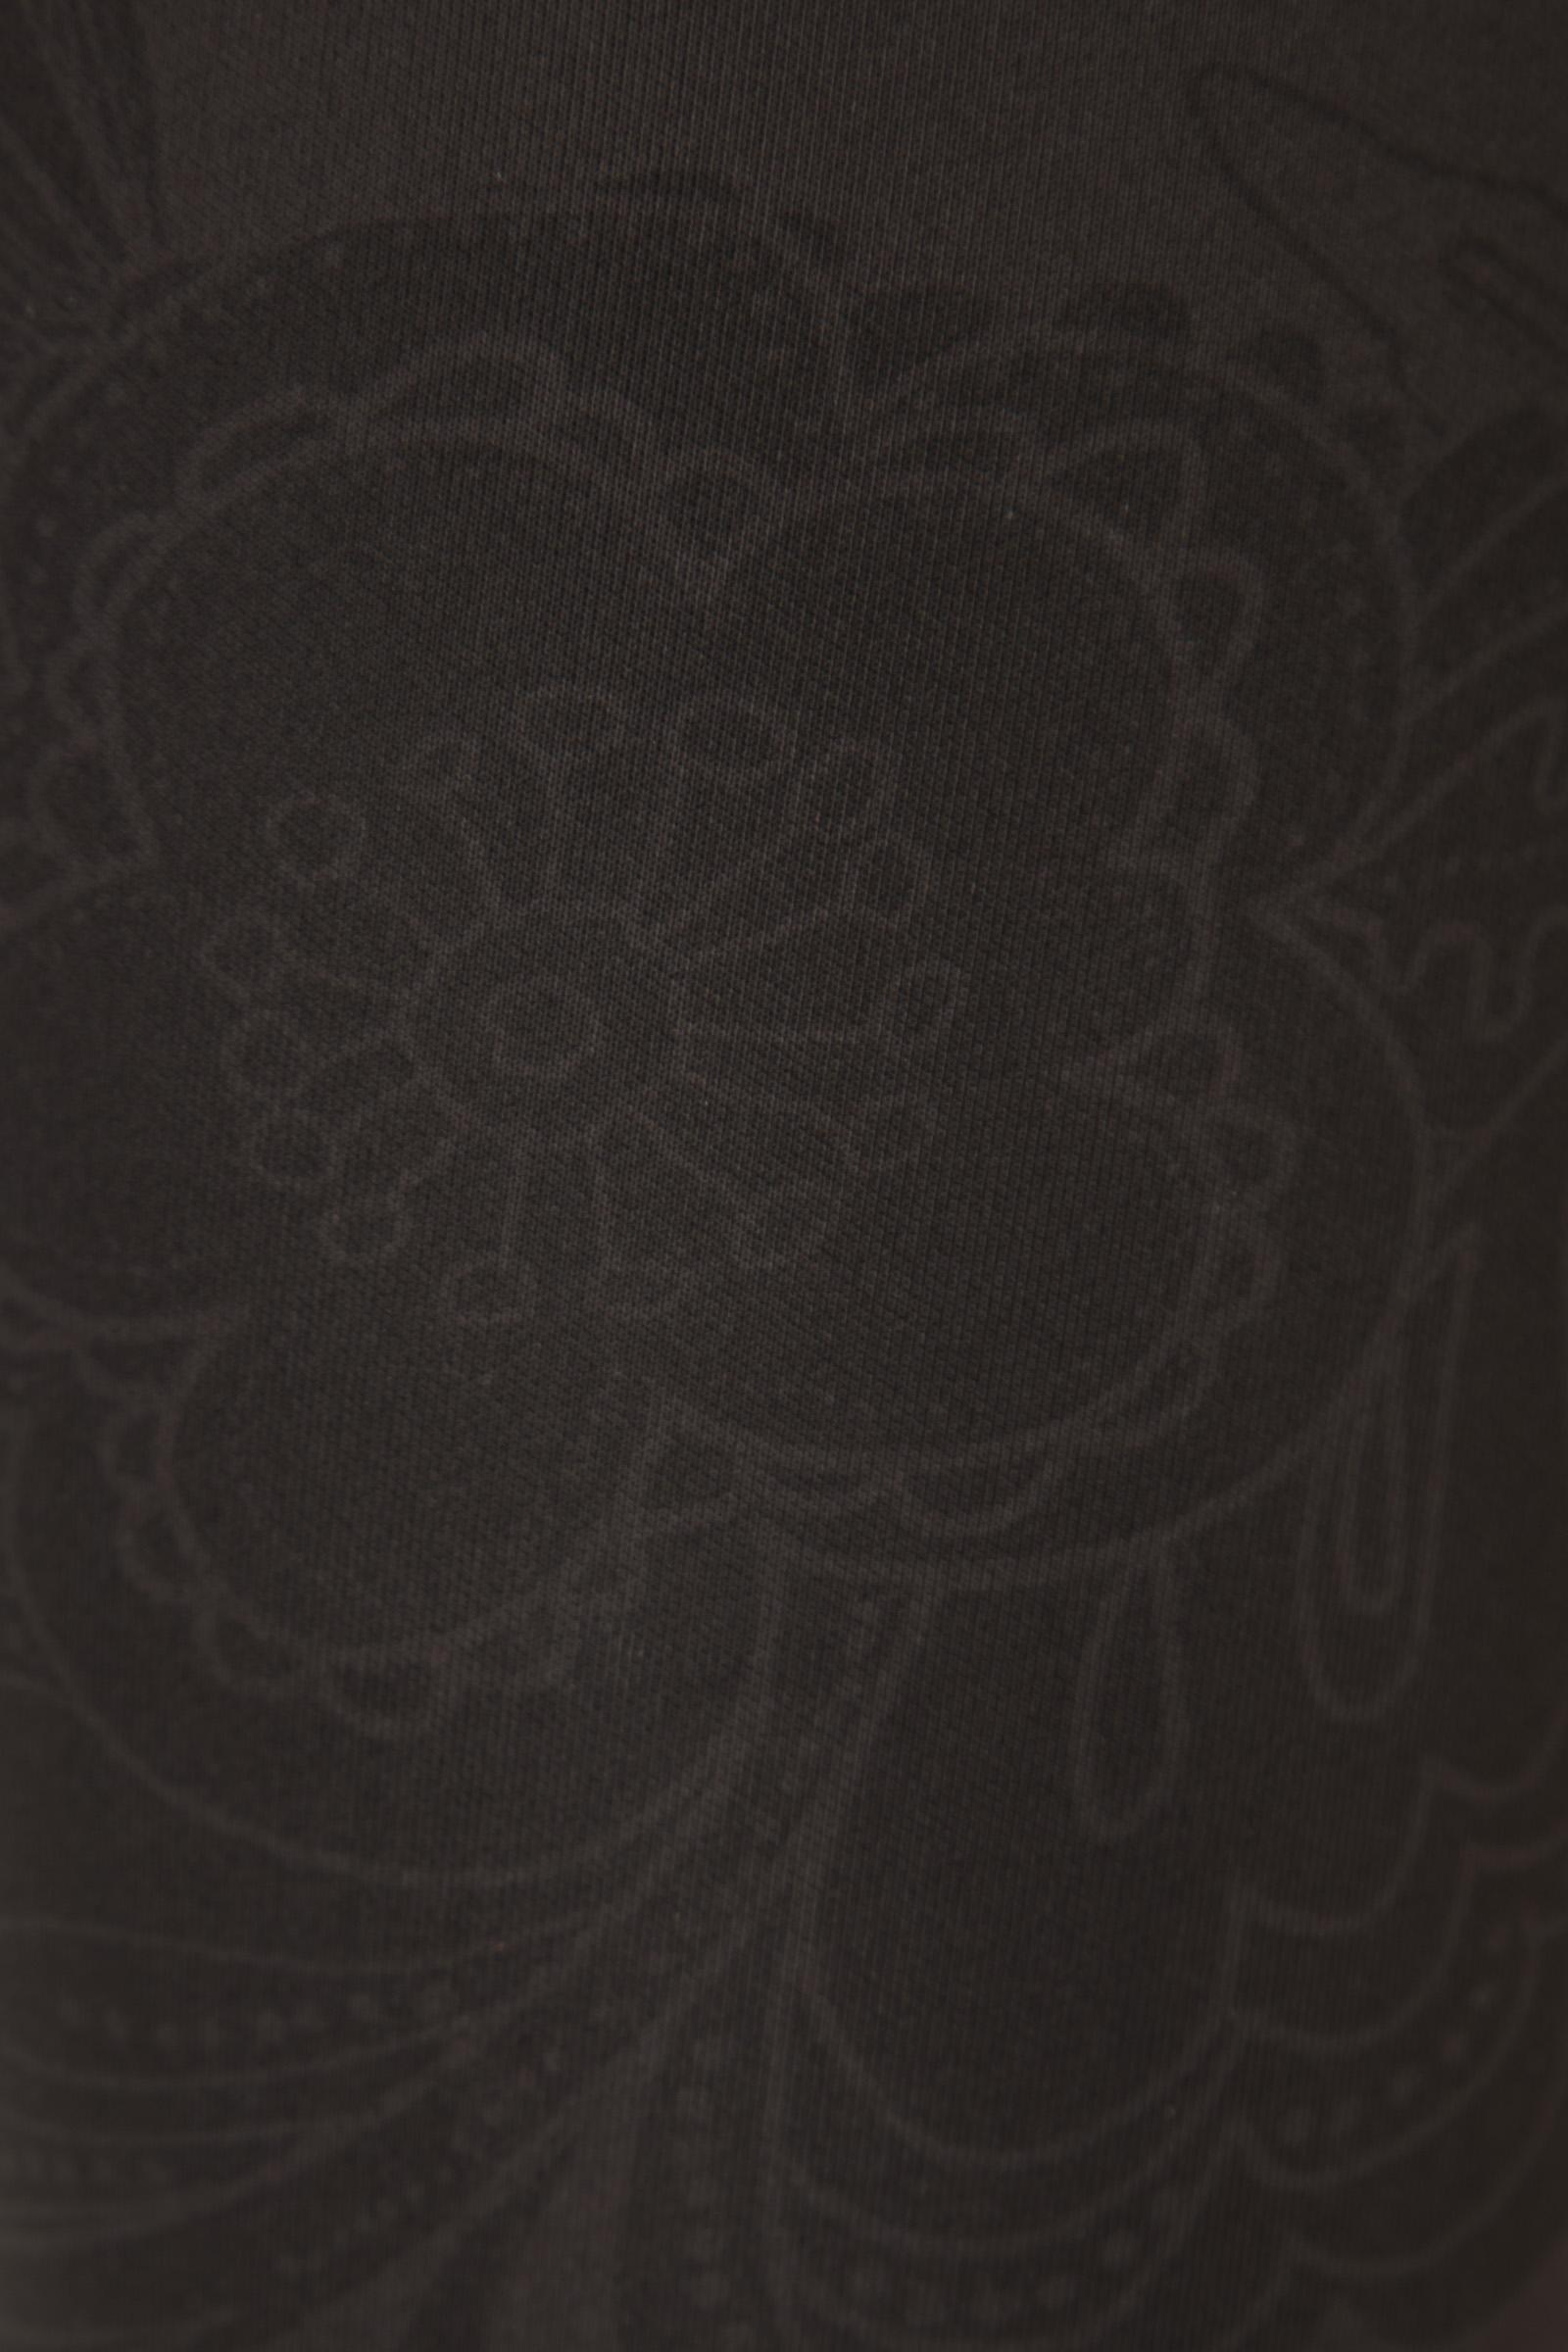 Glam-PANTALON LEGGINS KOAJ ROCY 2/16